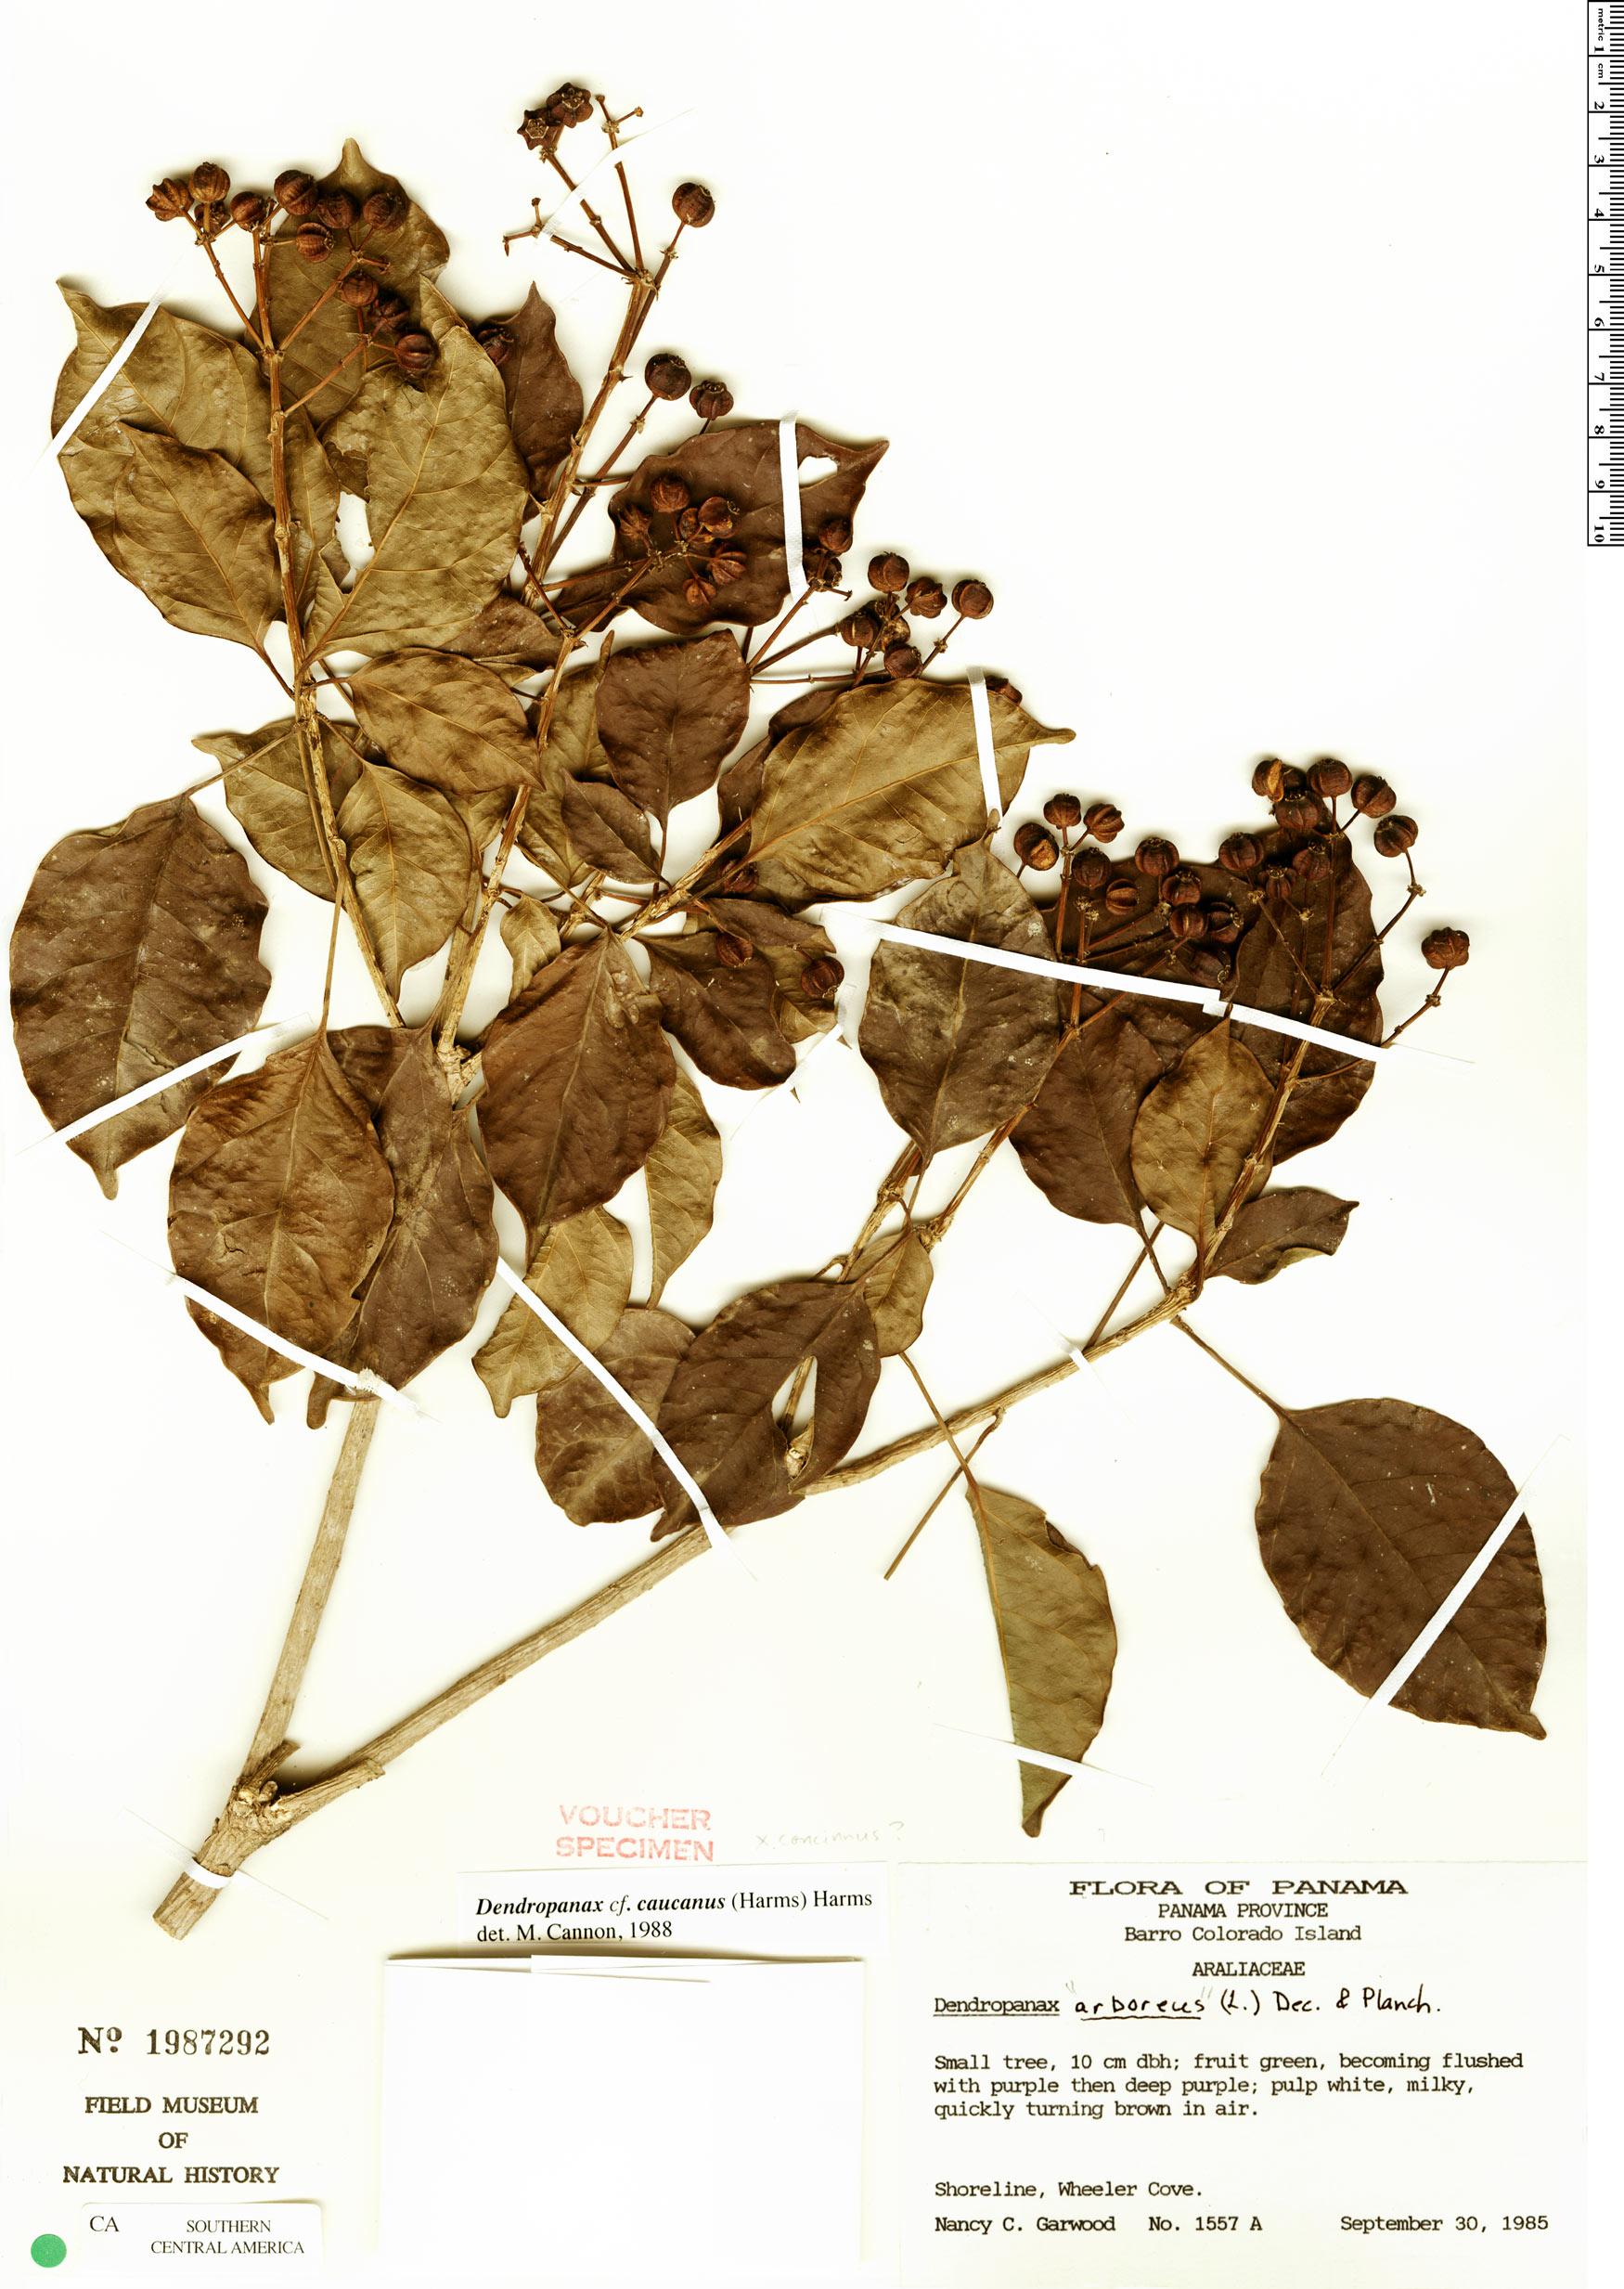 Specimen: Dendropanax caucanus